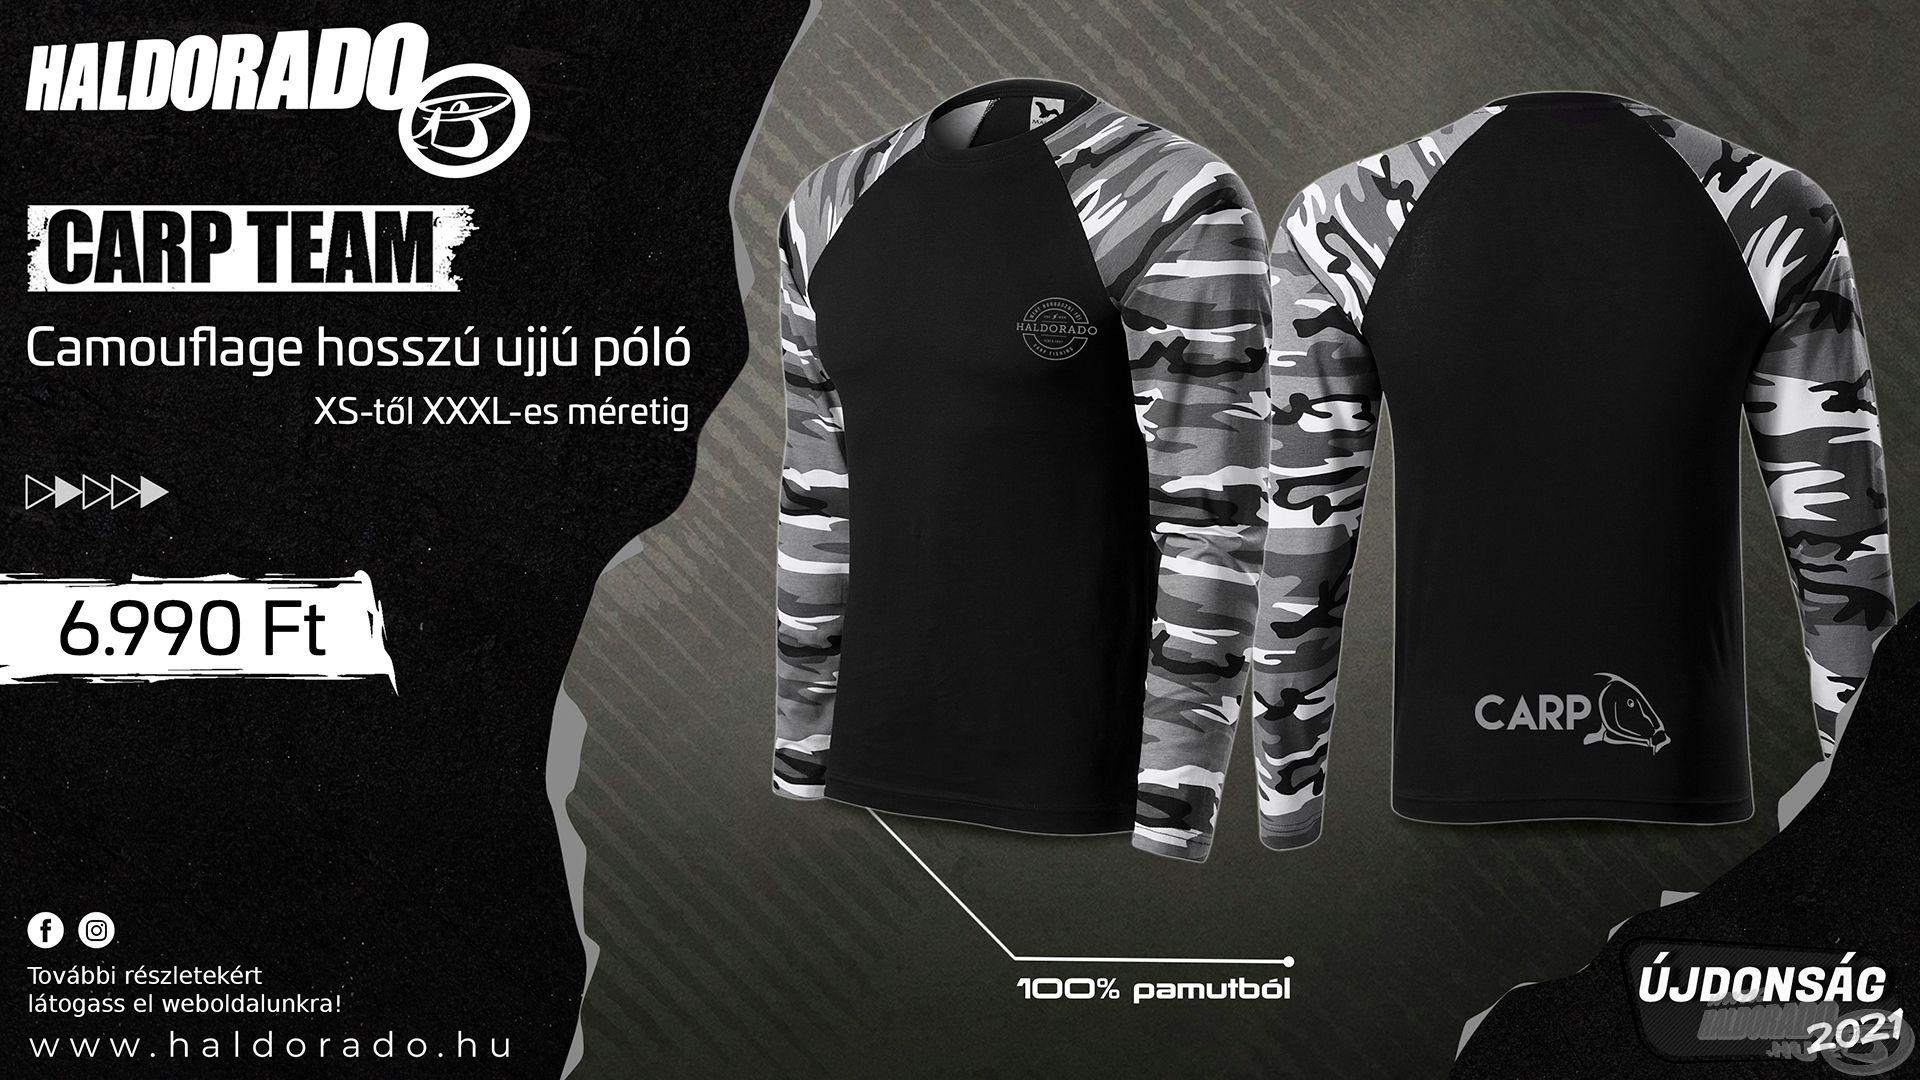 Újabb extra vagány és divatos taggal bővült a saját fejlesztésű, Haldorádó ruházataink kínálata! Íme, a Carp Team Camouflage hosszú ujjú póló kollekció!